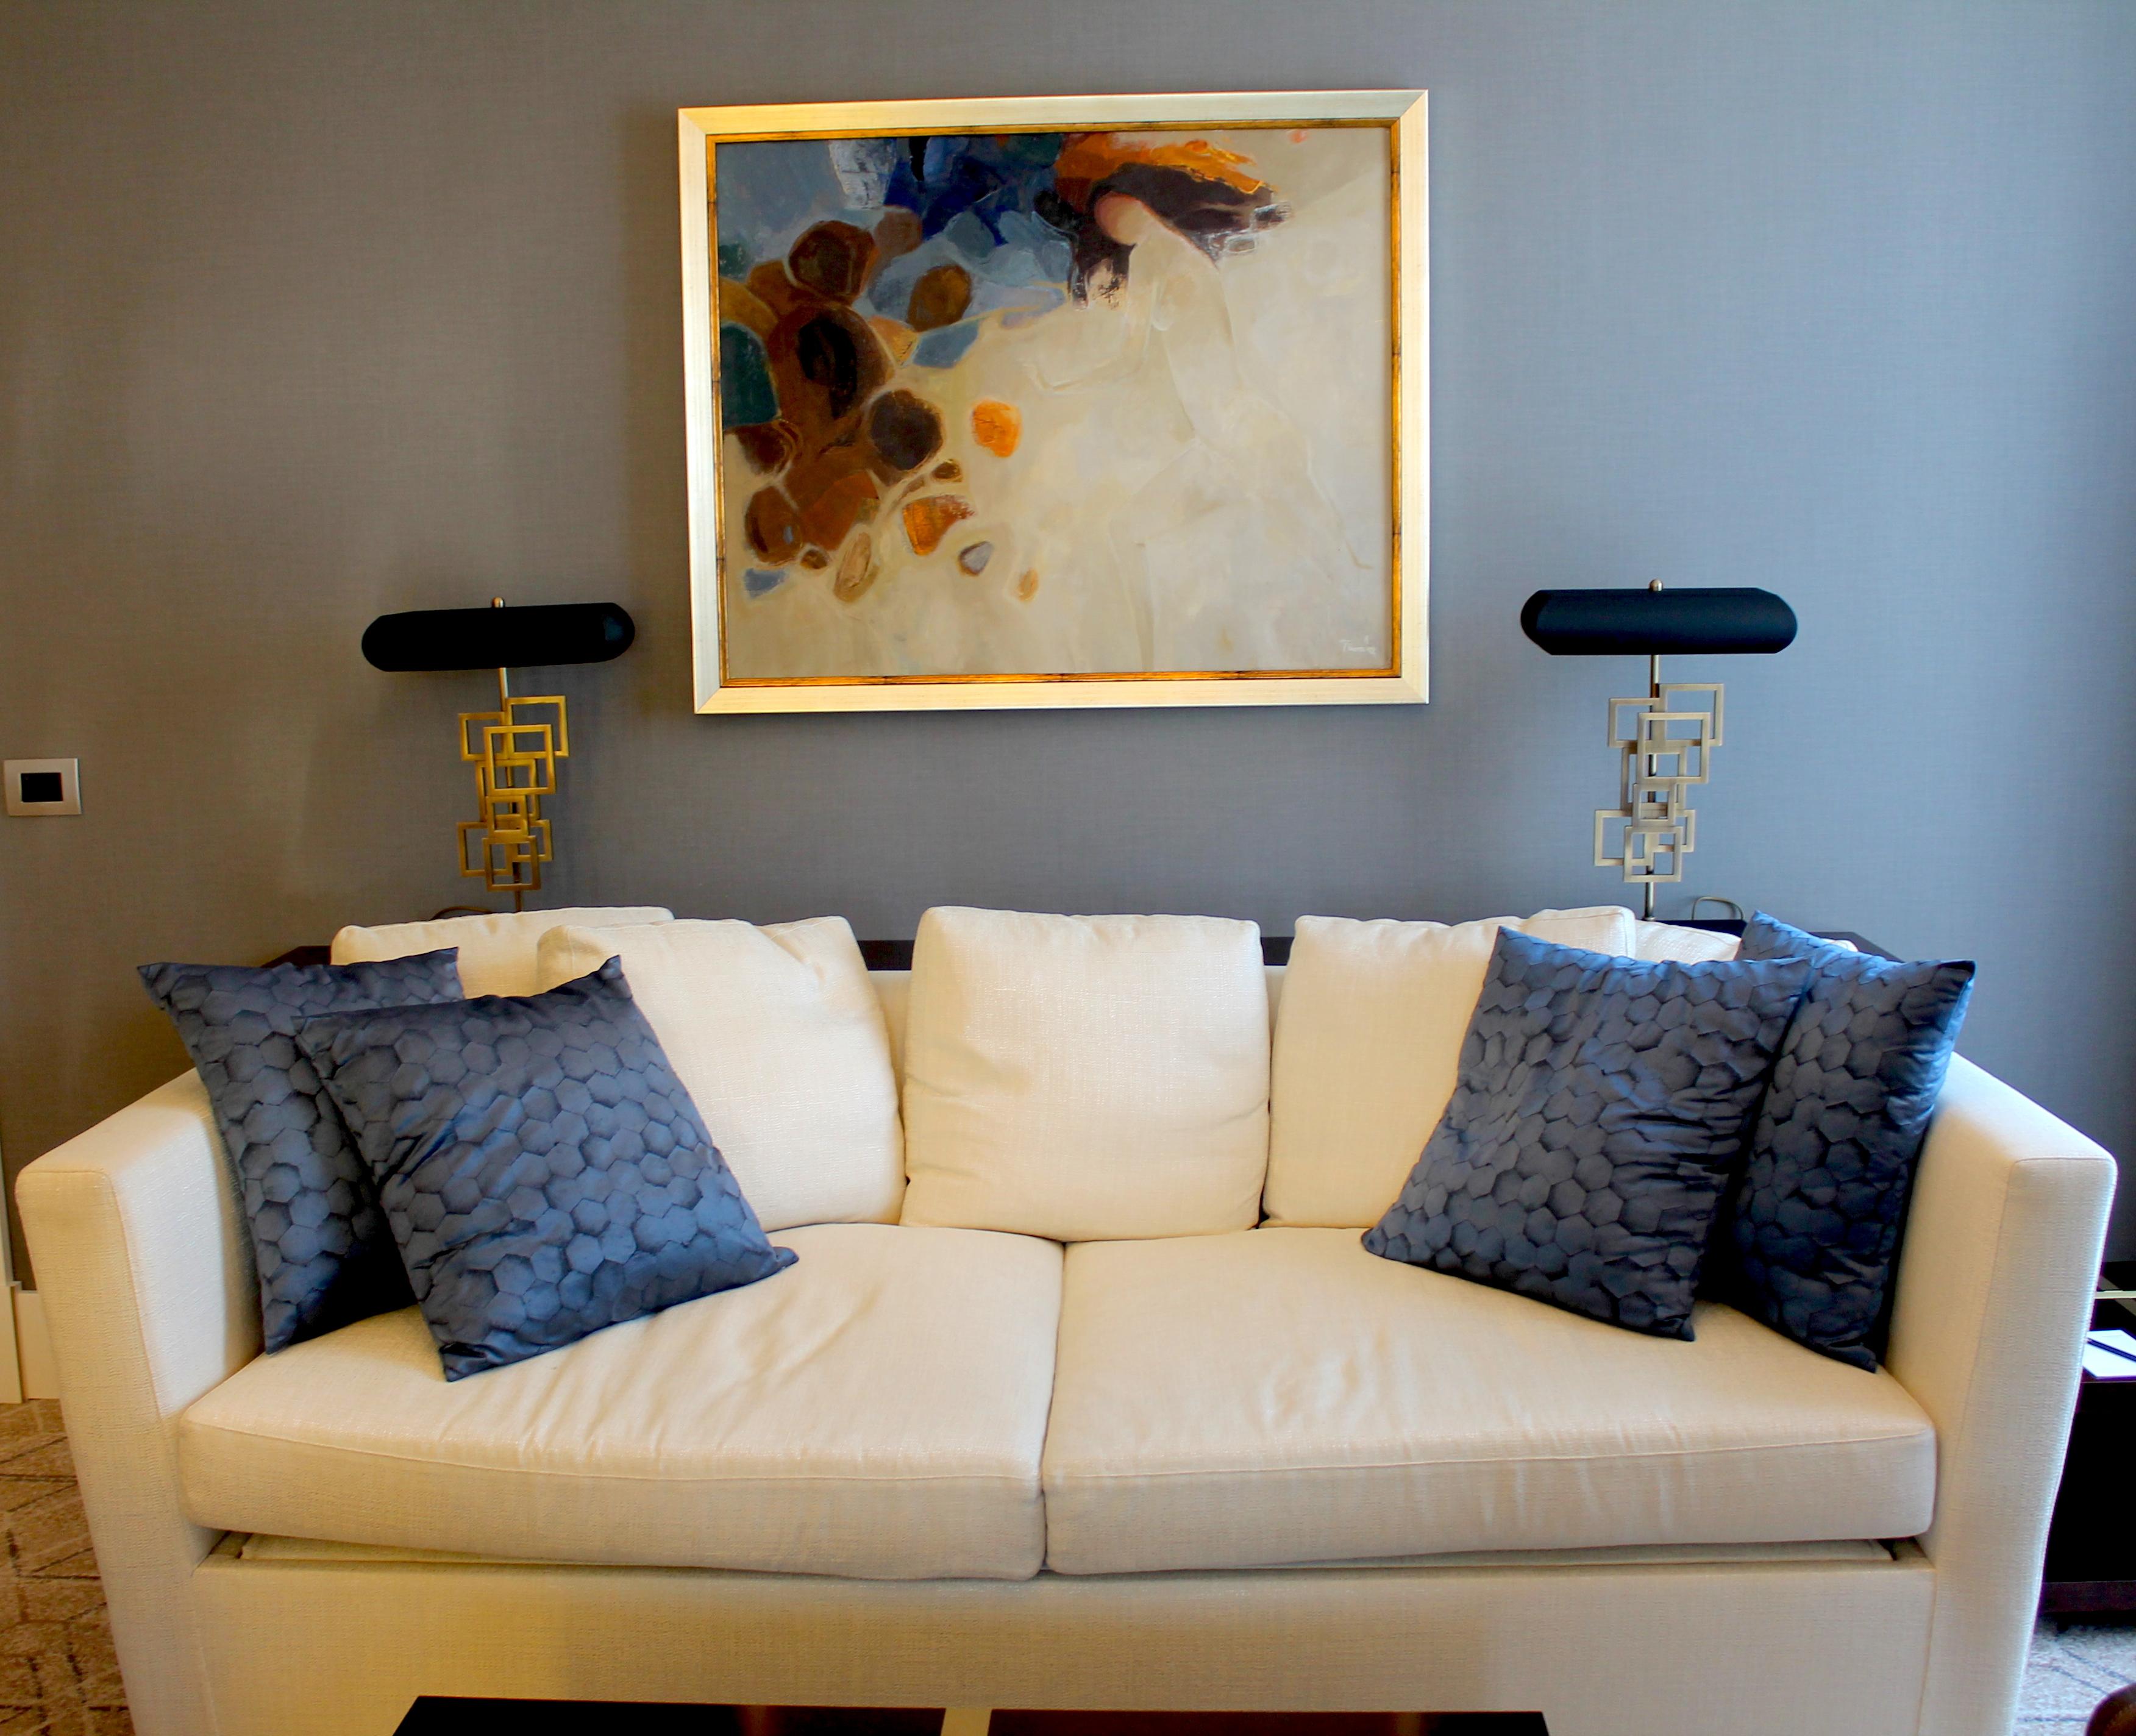 living-room-suite-kempinski-hotel-budapest-lustforthesublime